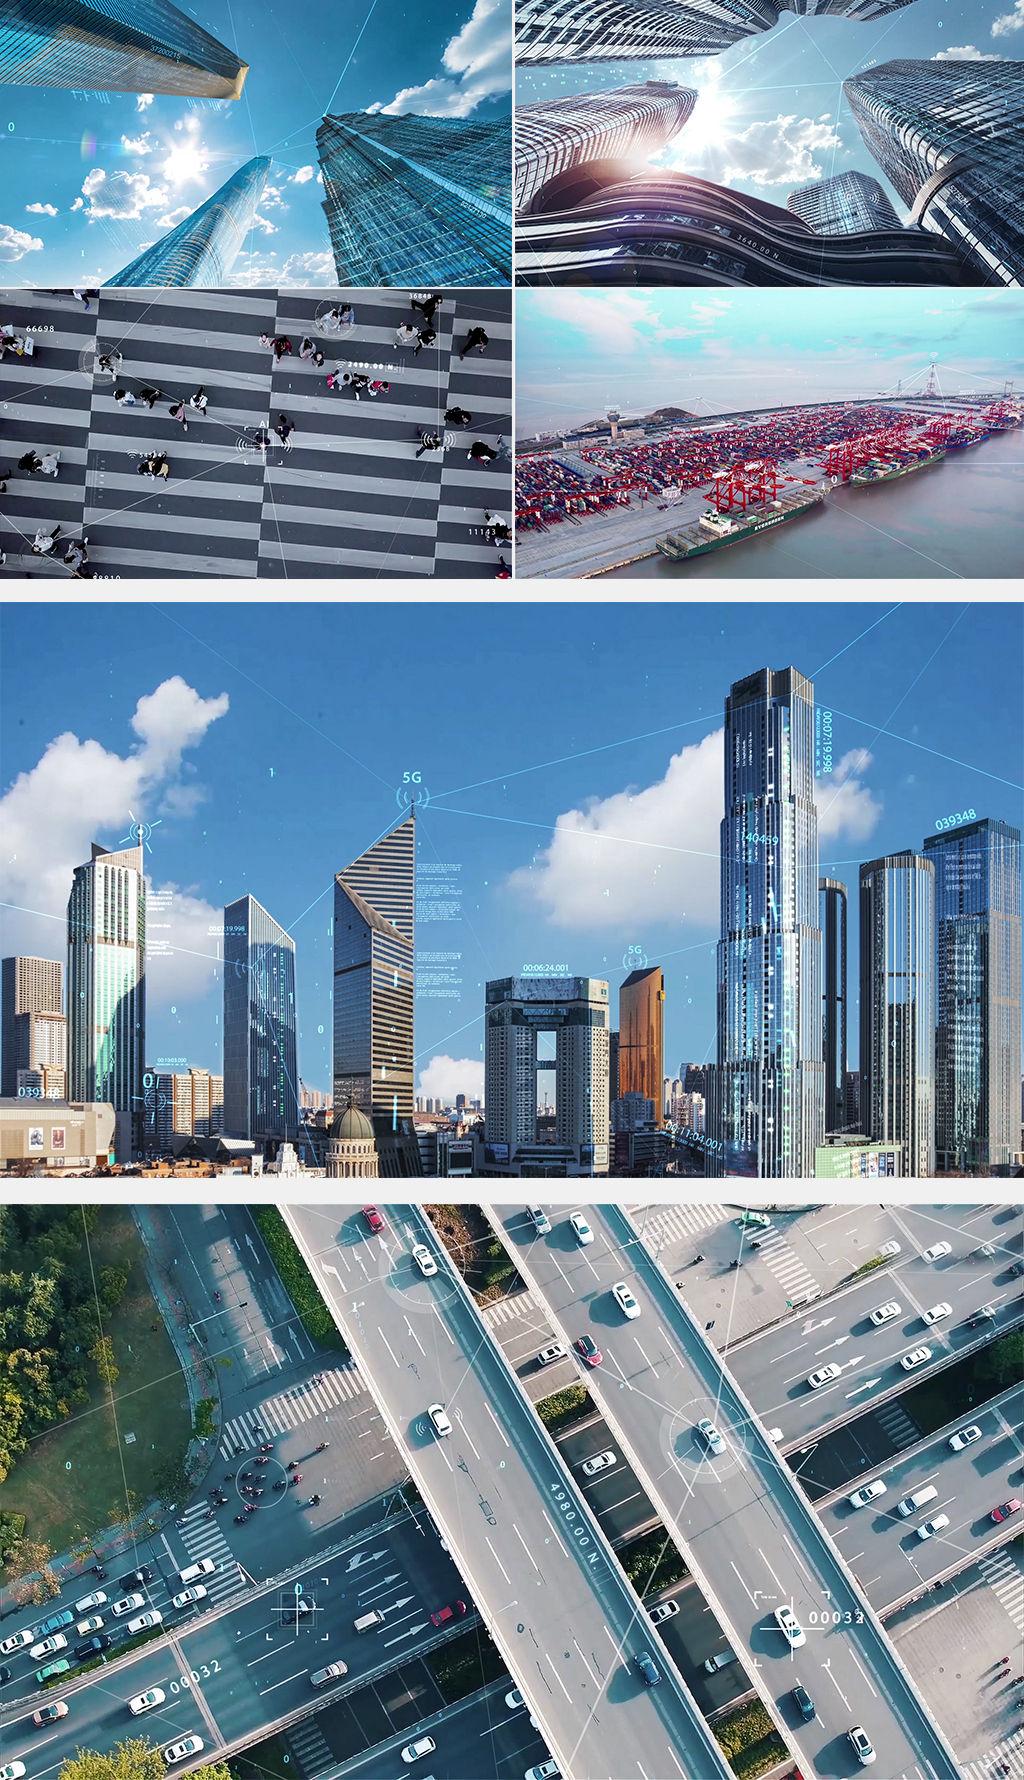 【大气】科技智慧信息城市(可商用)